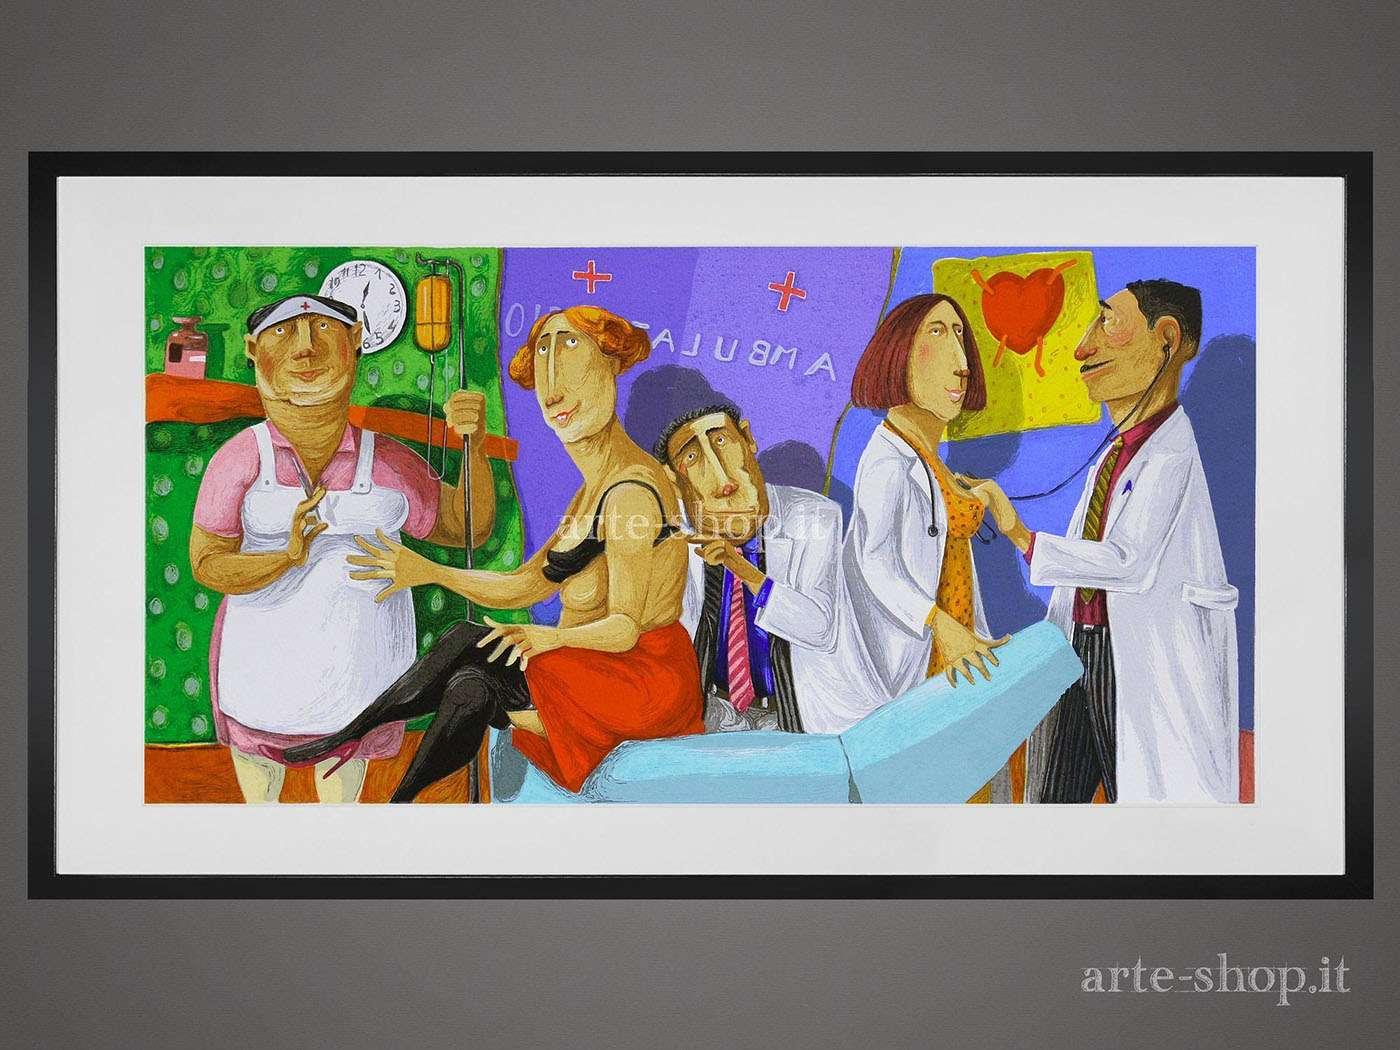 Serigrafia Pino Procopio - Questioni cuore